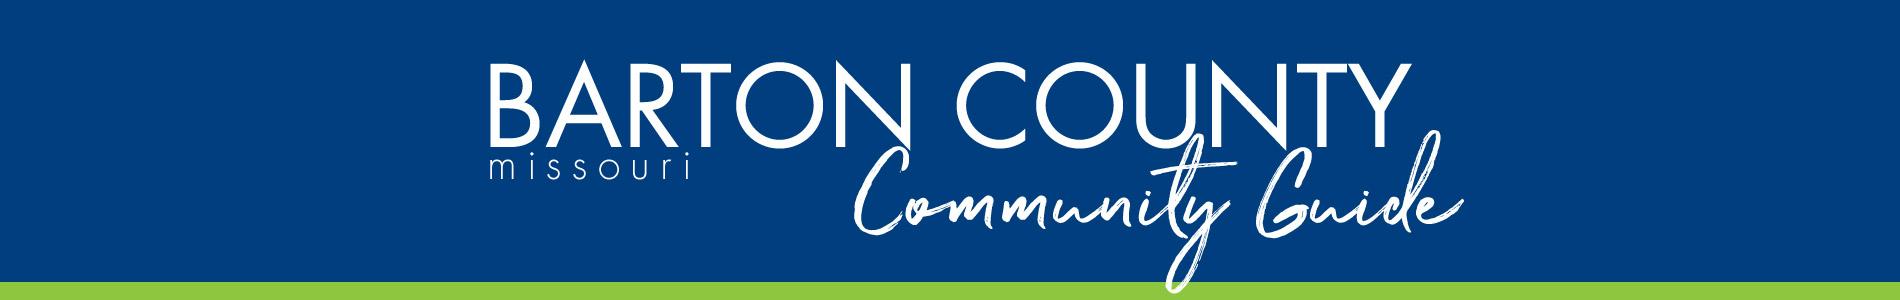 Barton County Missouri Community Guide